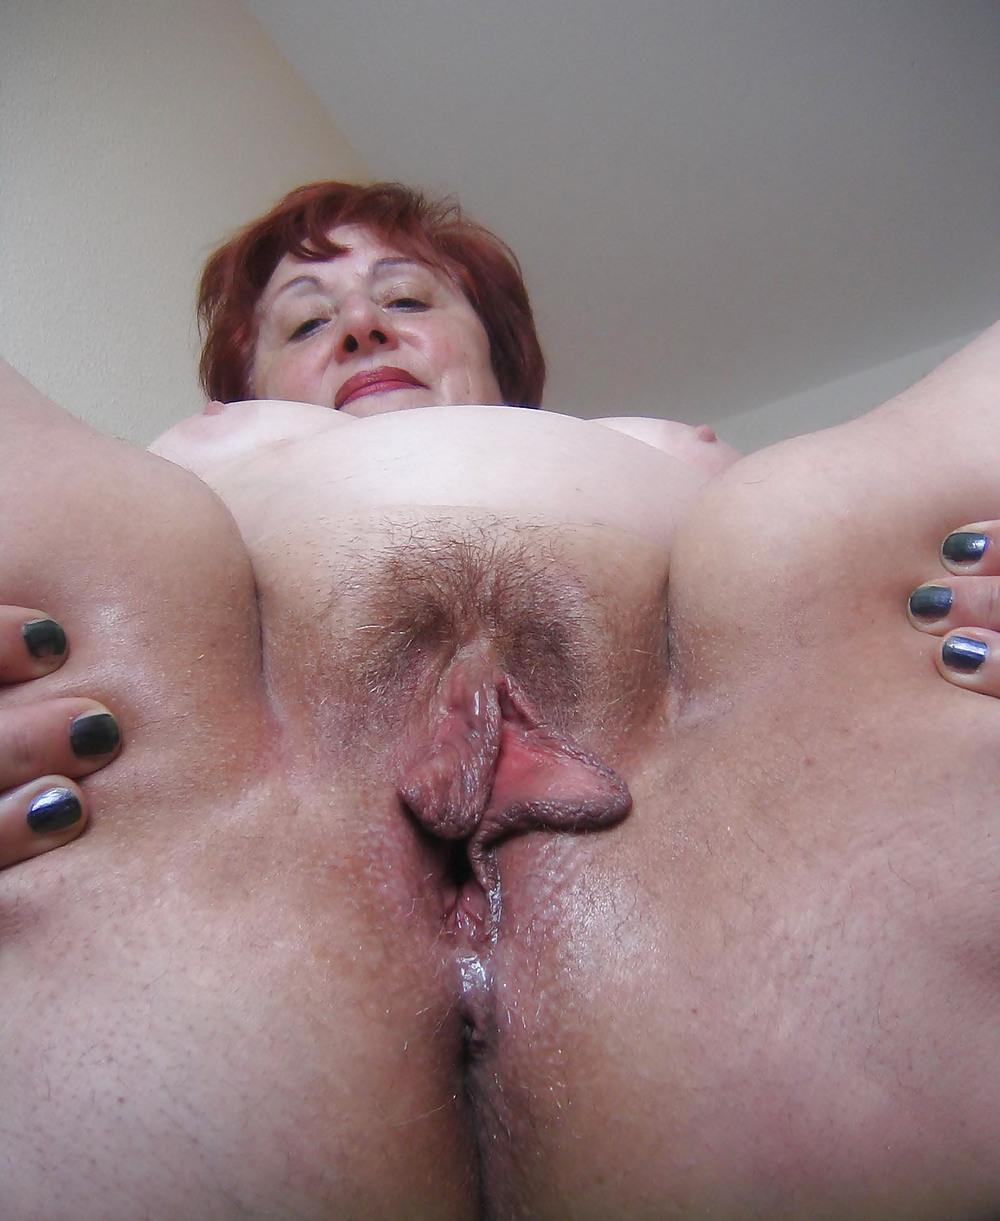 Порно фото секель зрелой, рекордное растягивание вагины